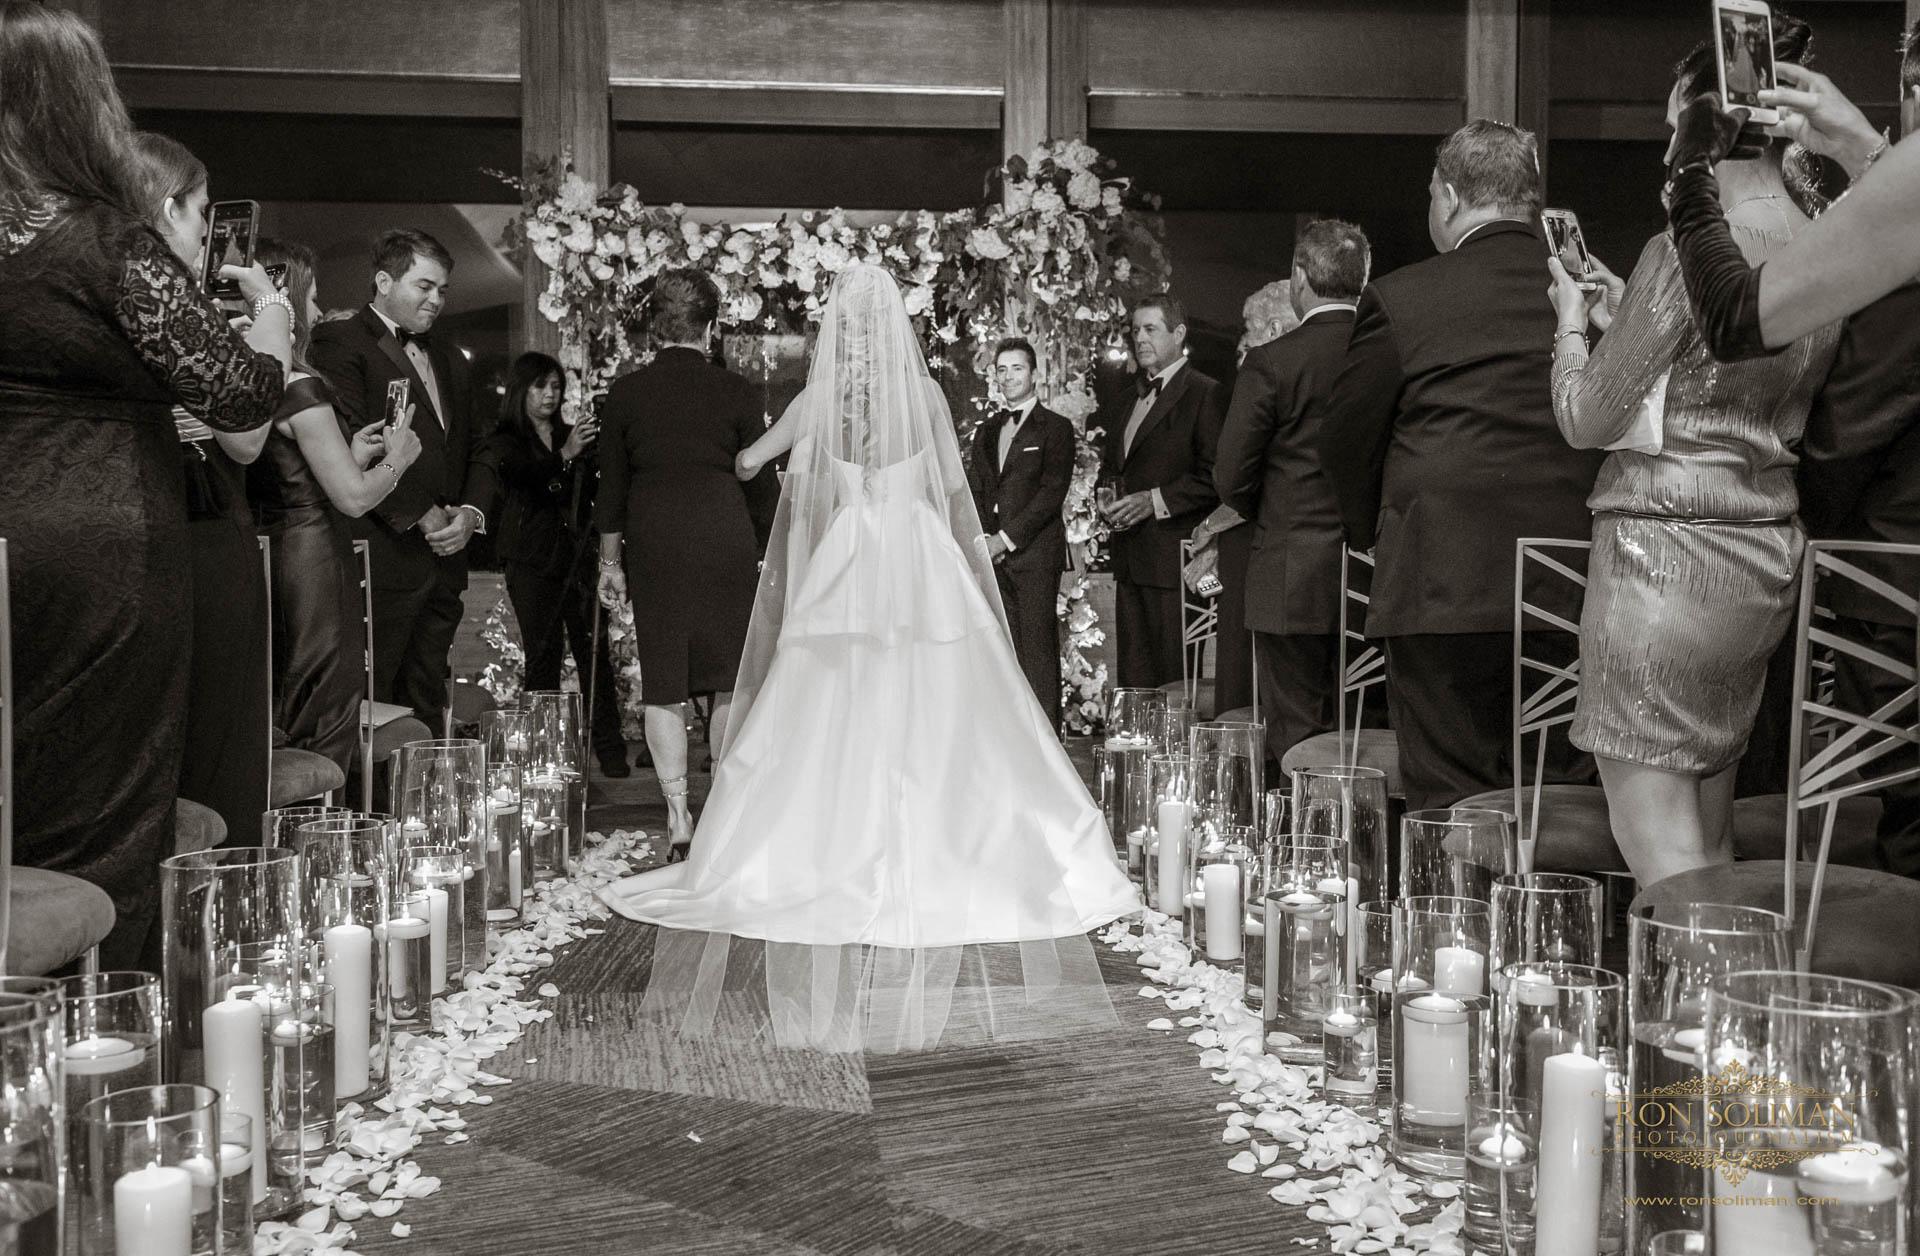 RAINBOW ROOM WEDDING BD 33